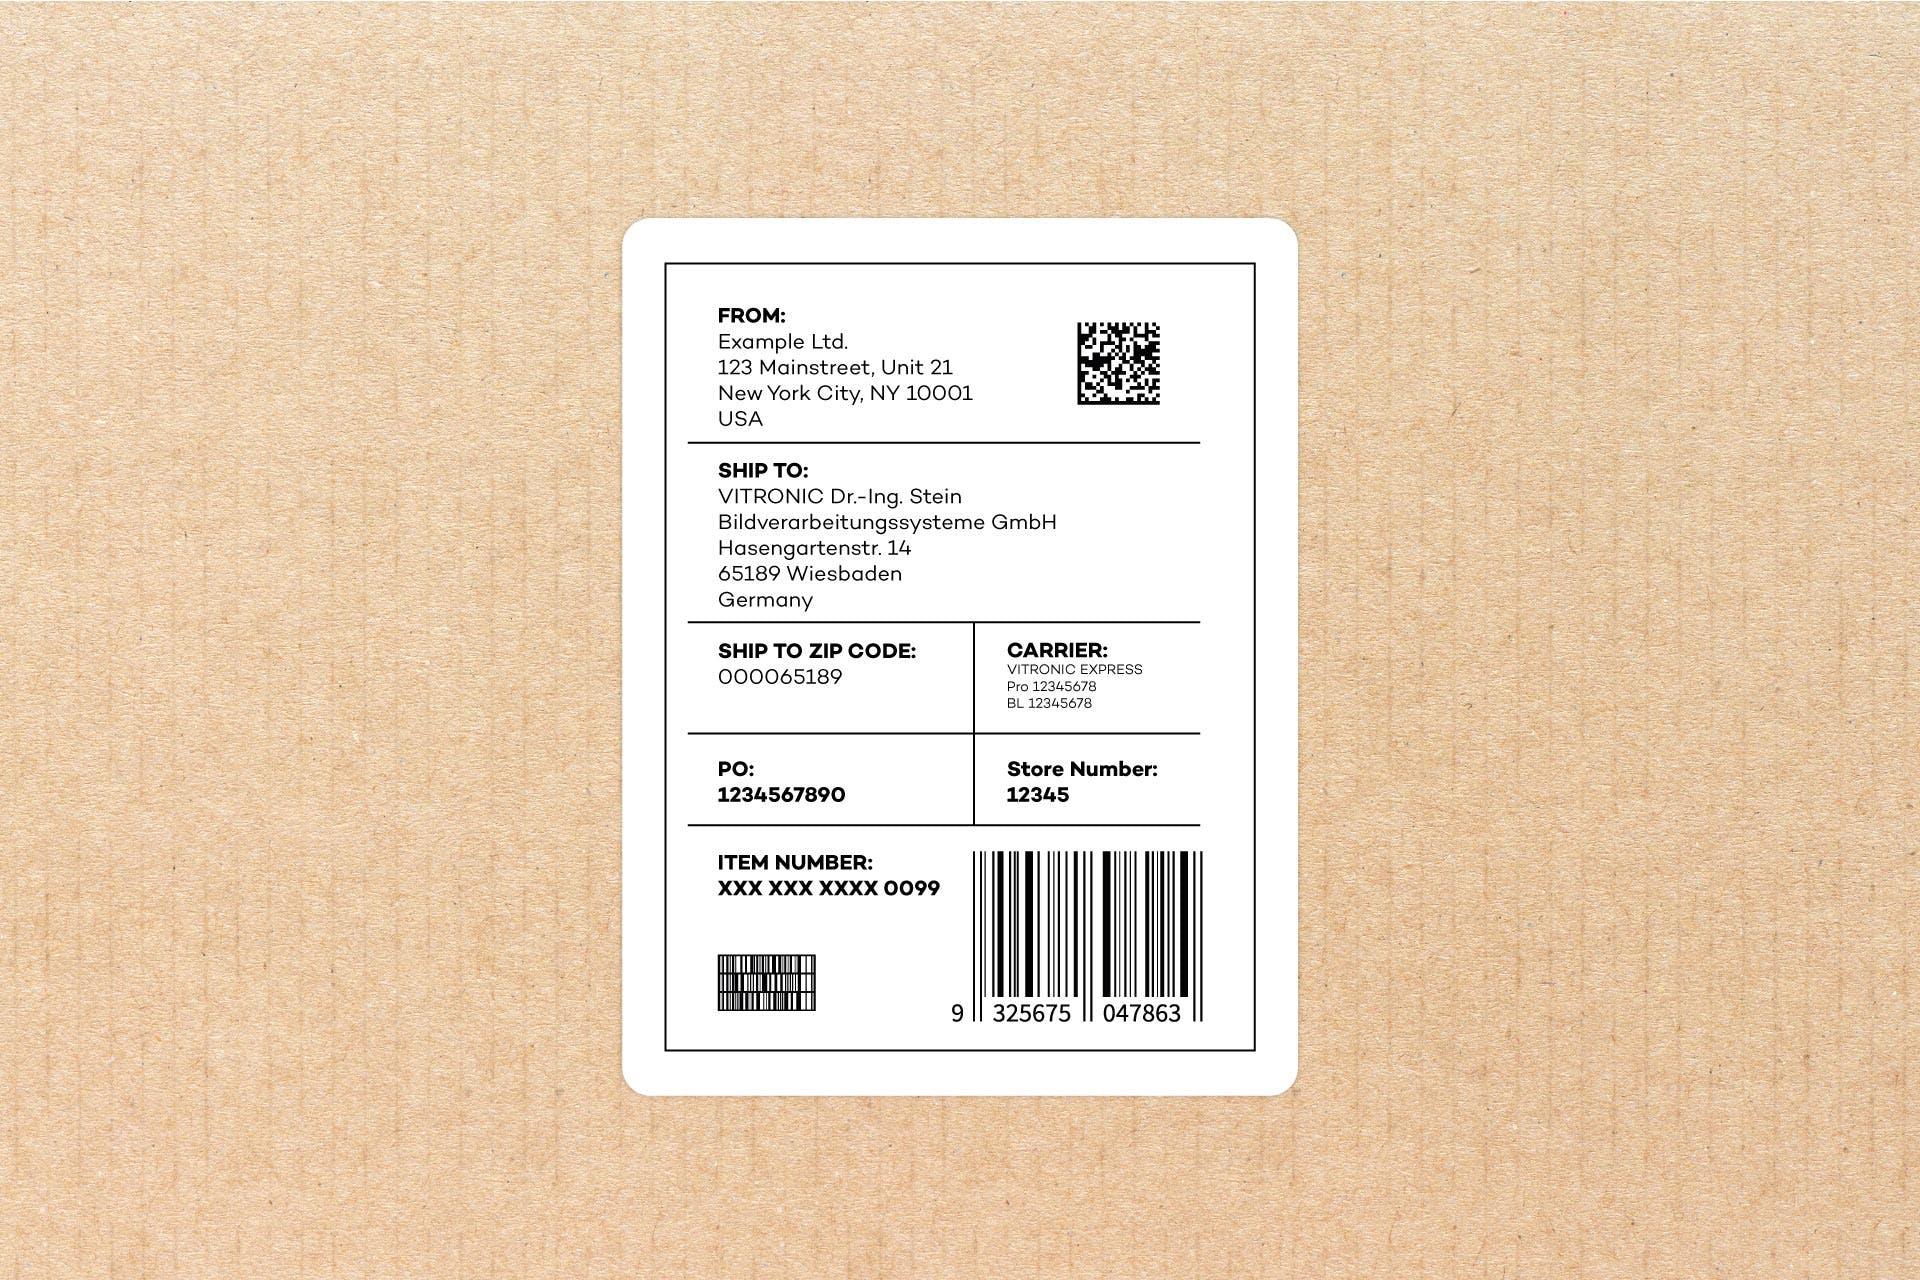 Großaufnahme eines Adressetiketts auf einem Paket